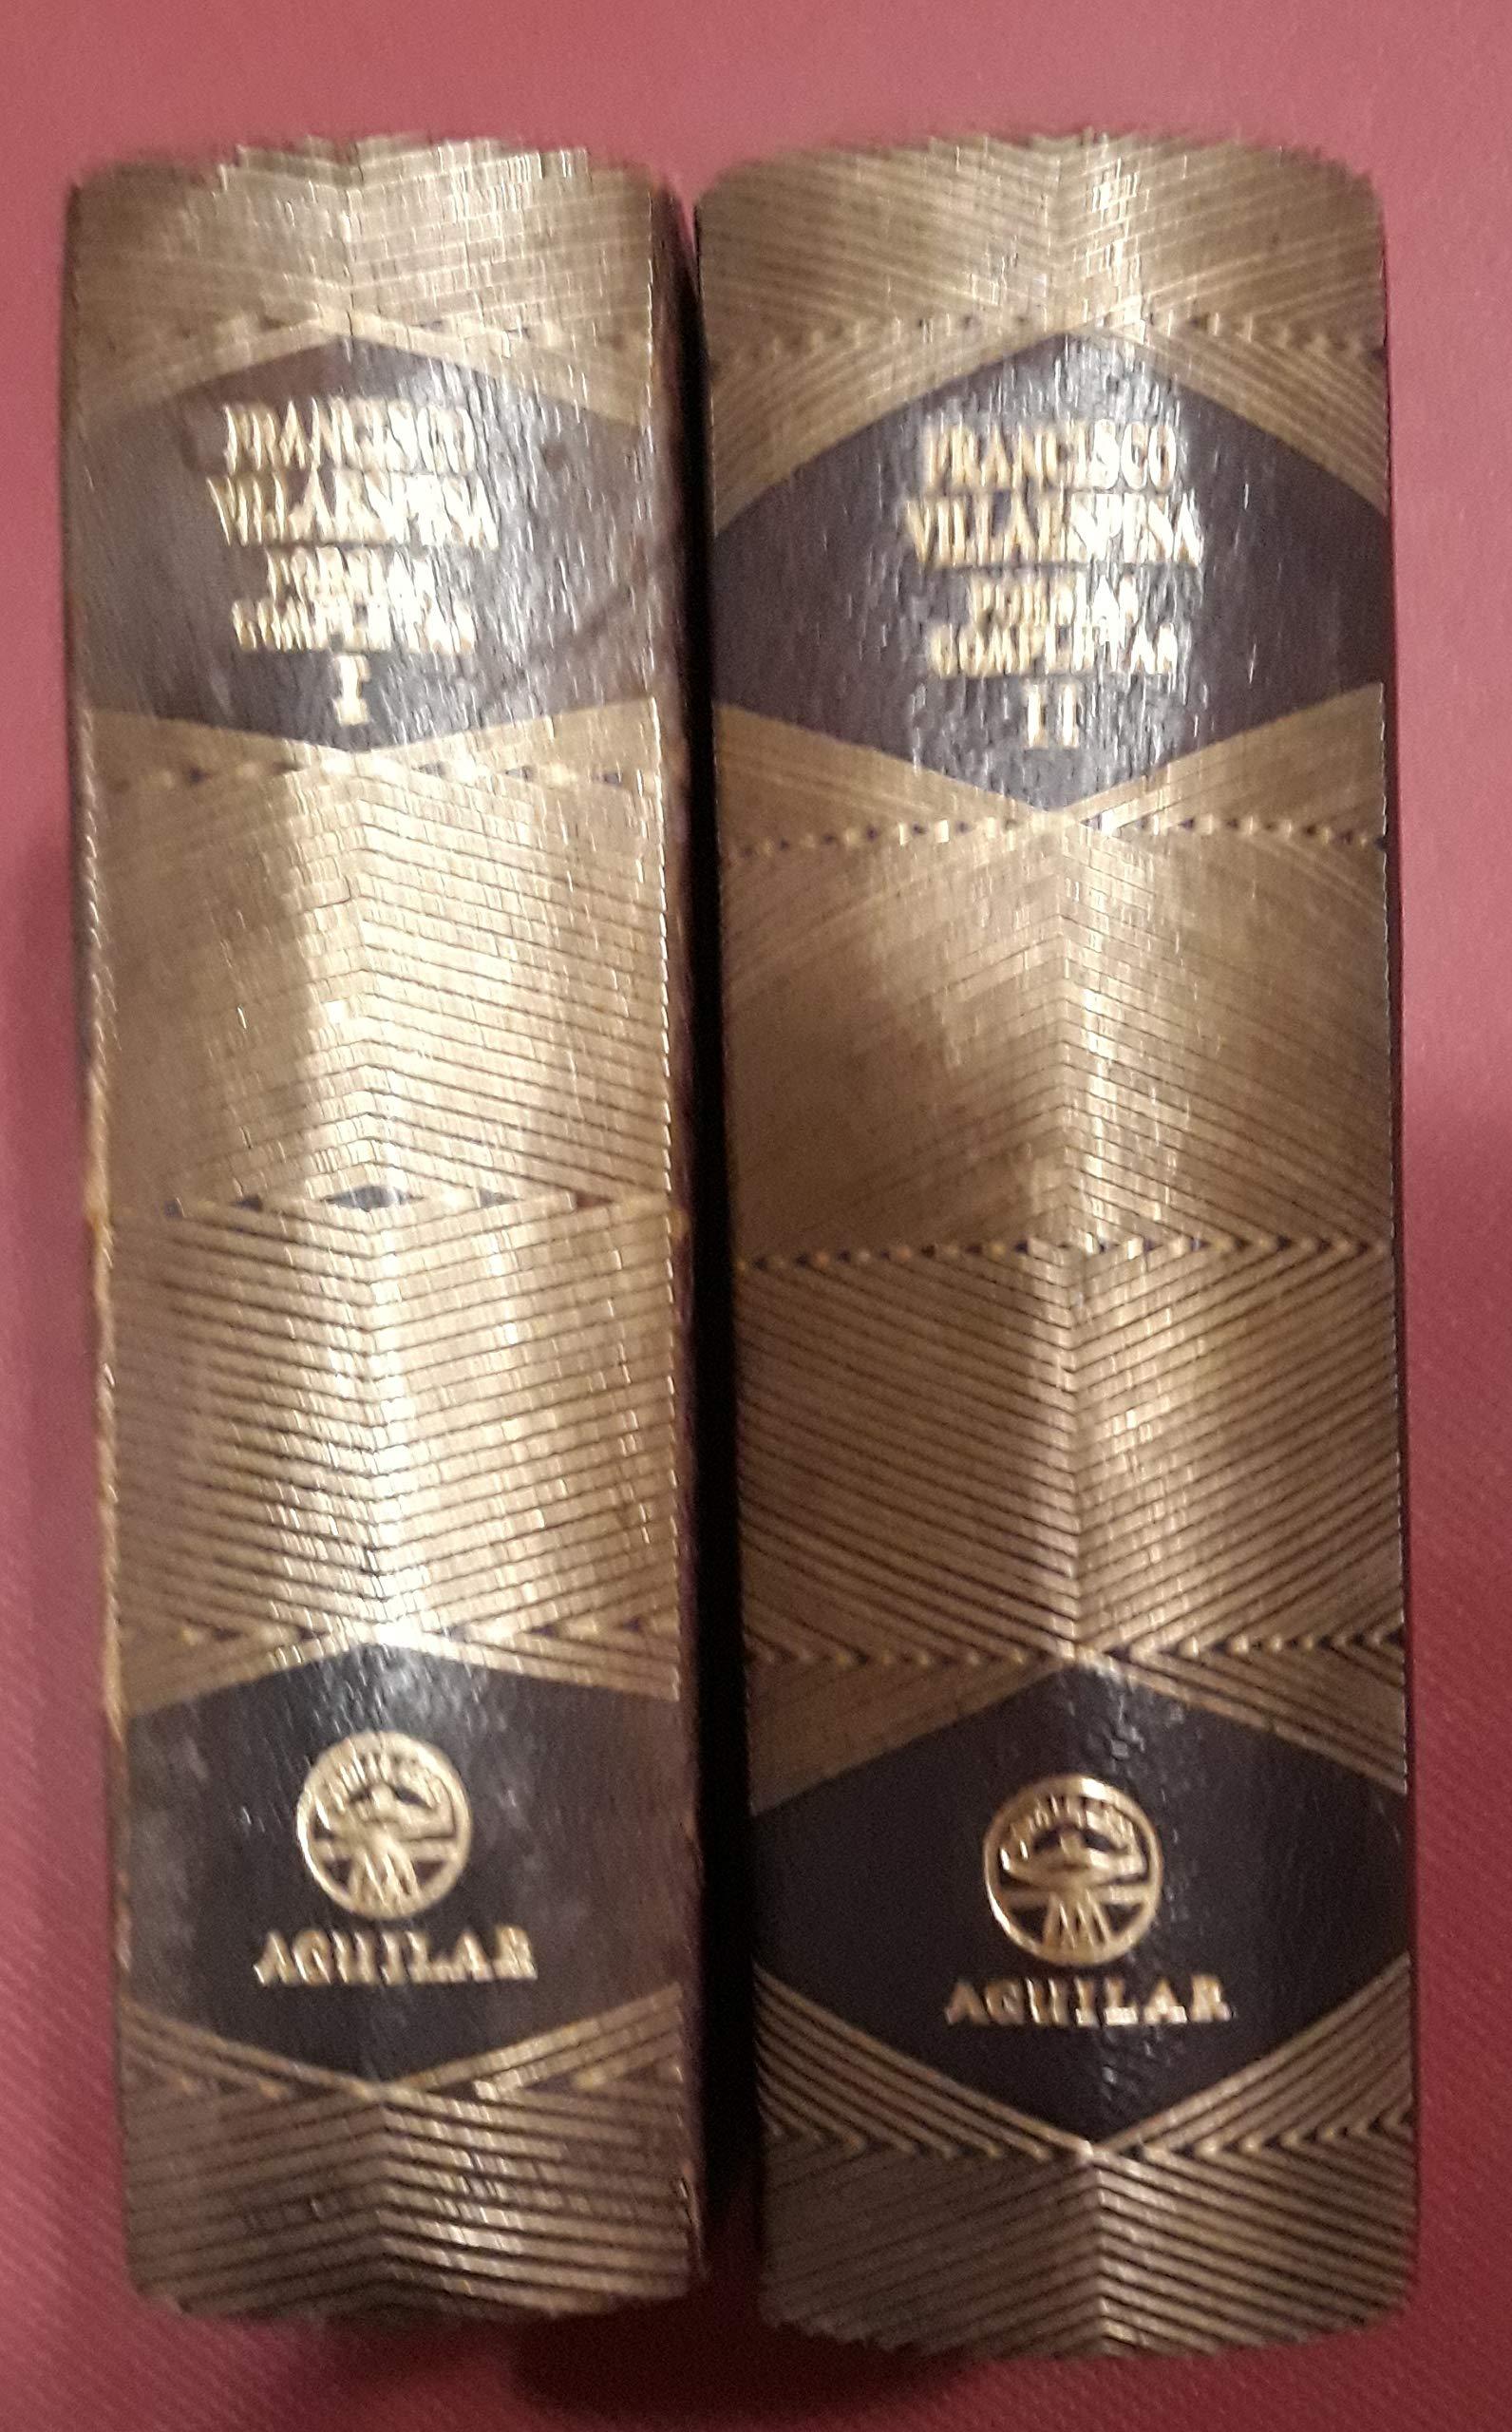 POESÍAS COMPLETAS. TOMOS I-II: Amazon.es: VILLAESPESA, Francisco ...